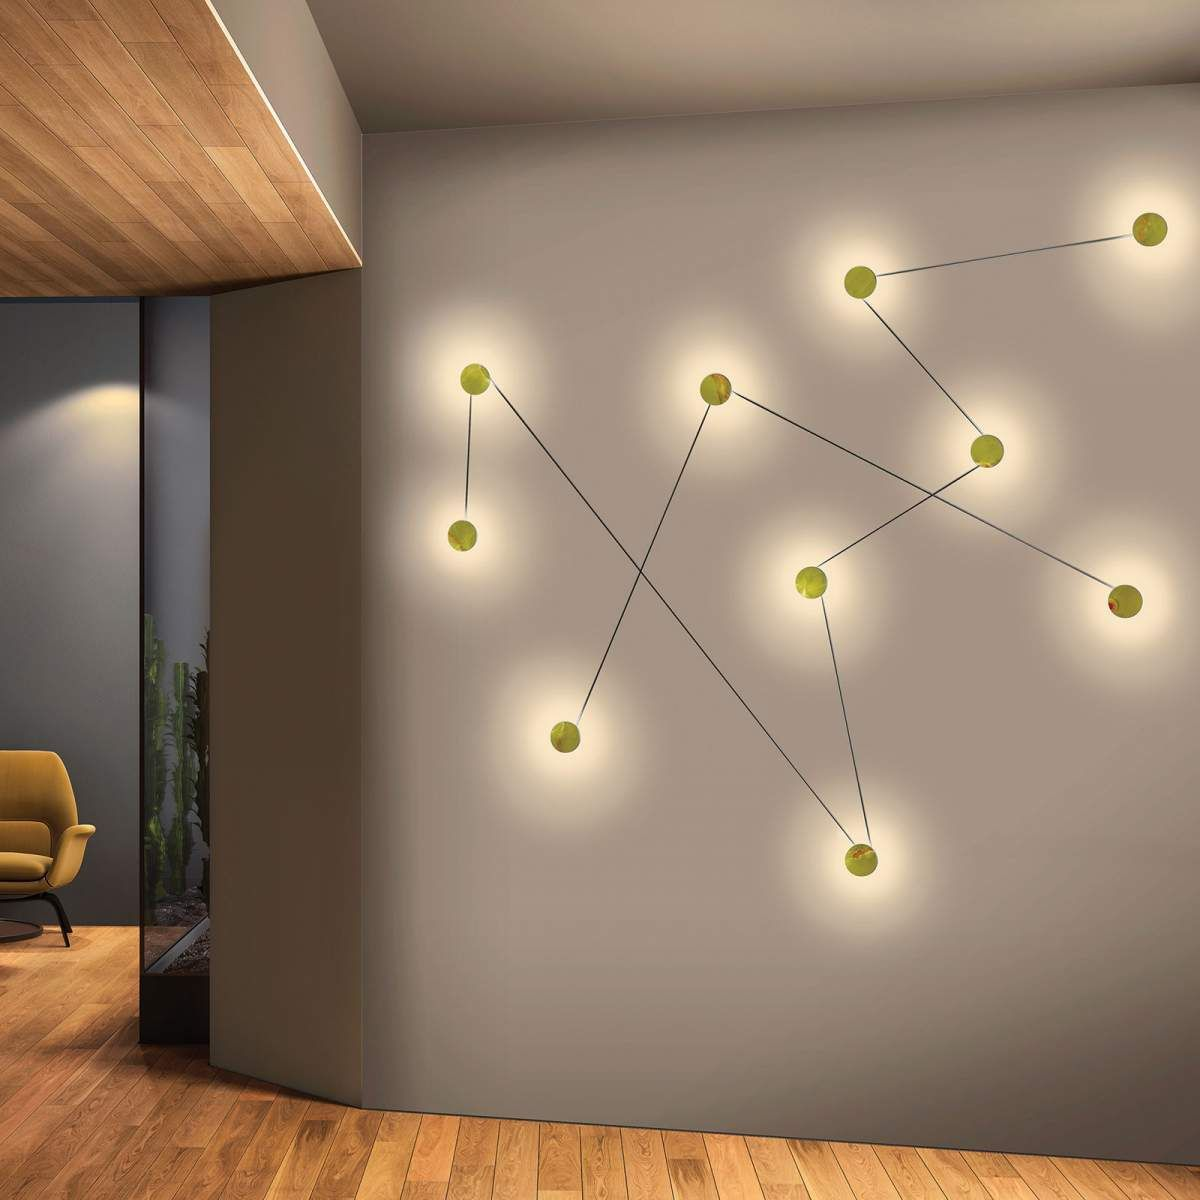 Bendu Moderne Stuckleisten Bzw Lichtprofile Fur Indirekte Beleuchtung Von Wand Und Dec Beleuchtung Wohnzimmer Decke Deckenbeleuchtung Beleuchtung Wohnzimmer